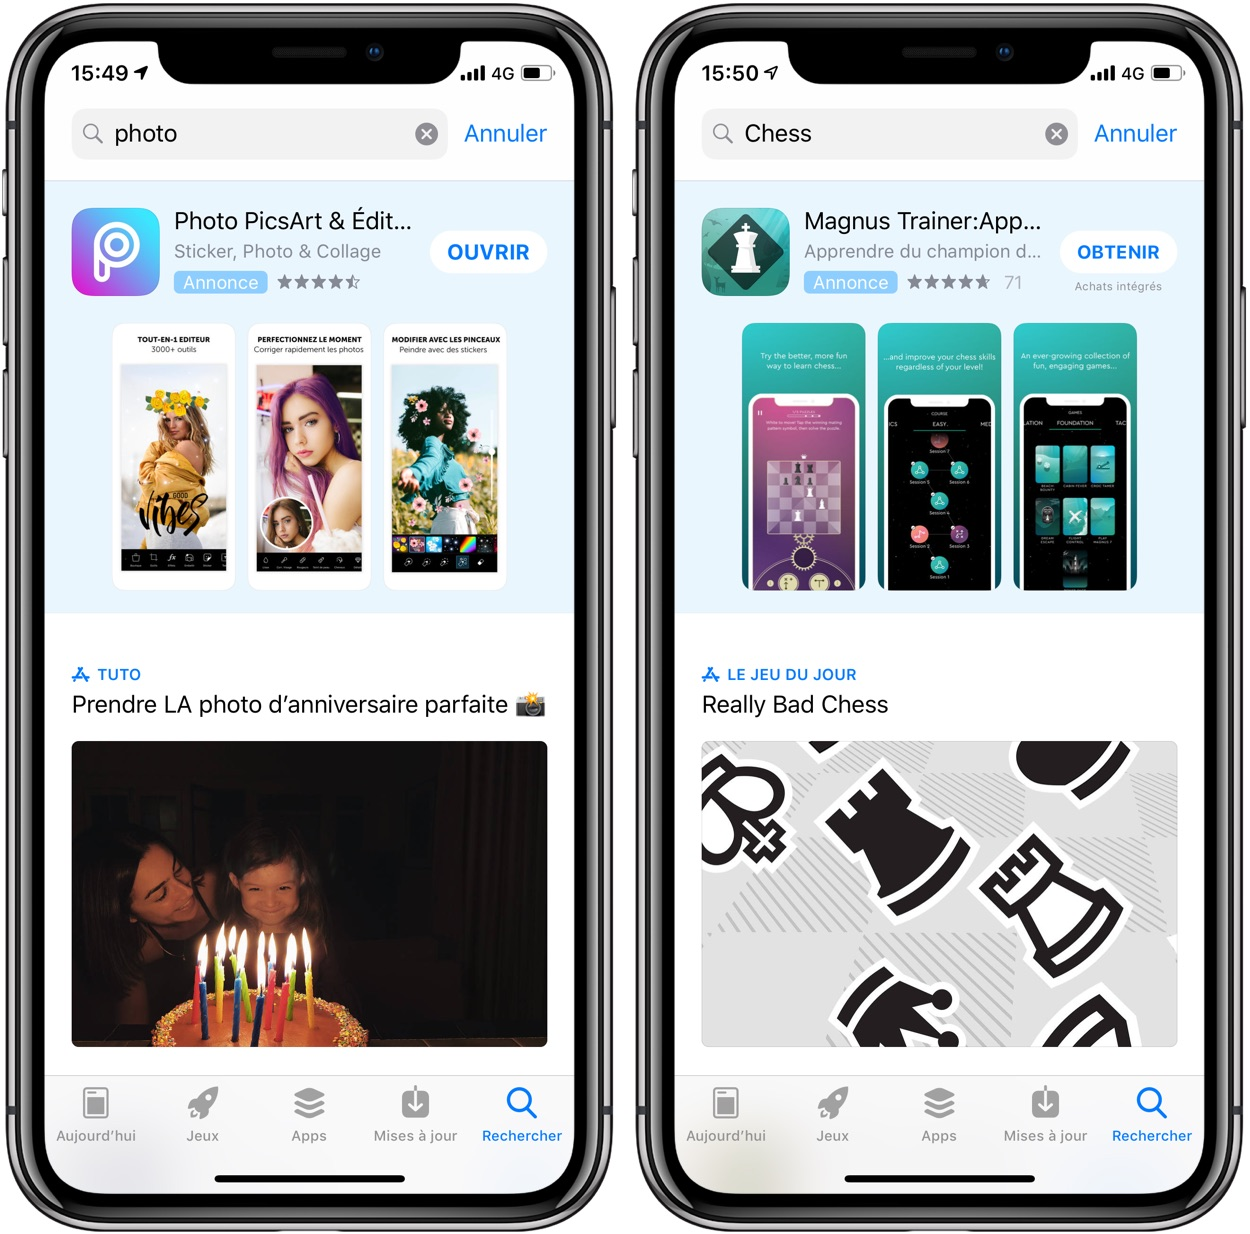 Les pubs sur l'App Store : un business florissant pour Apple selon Tim Cook 1